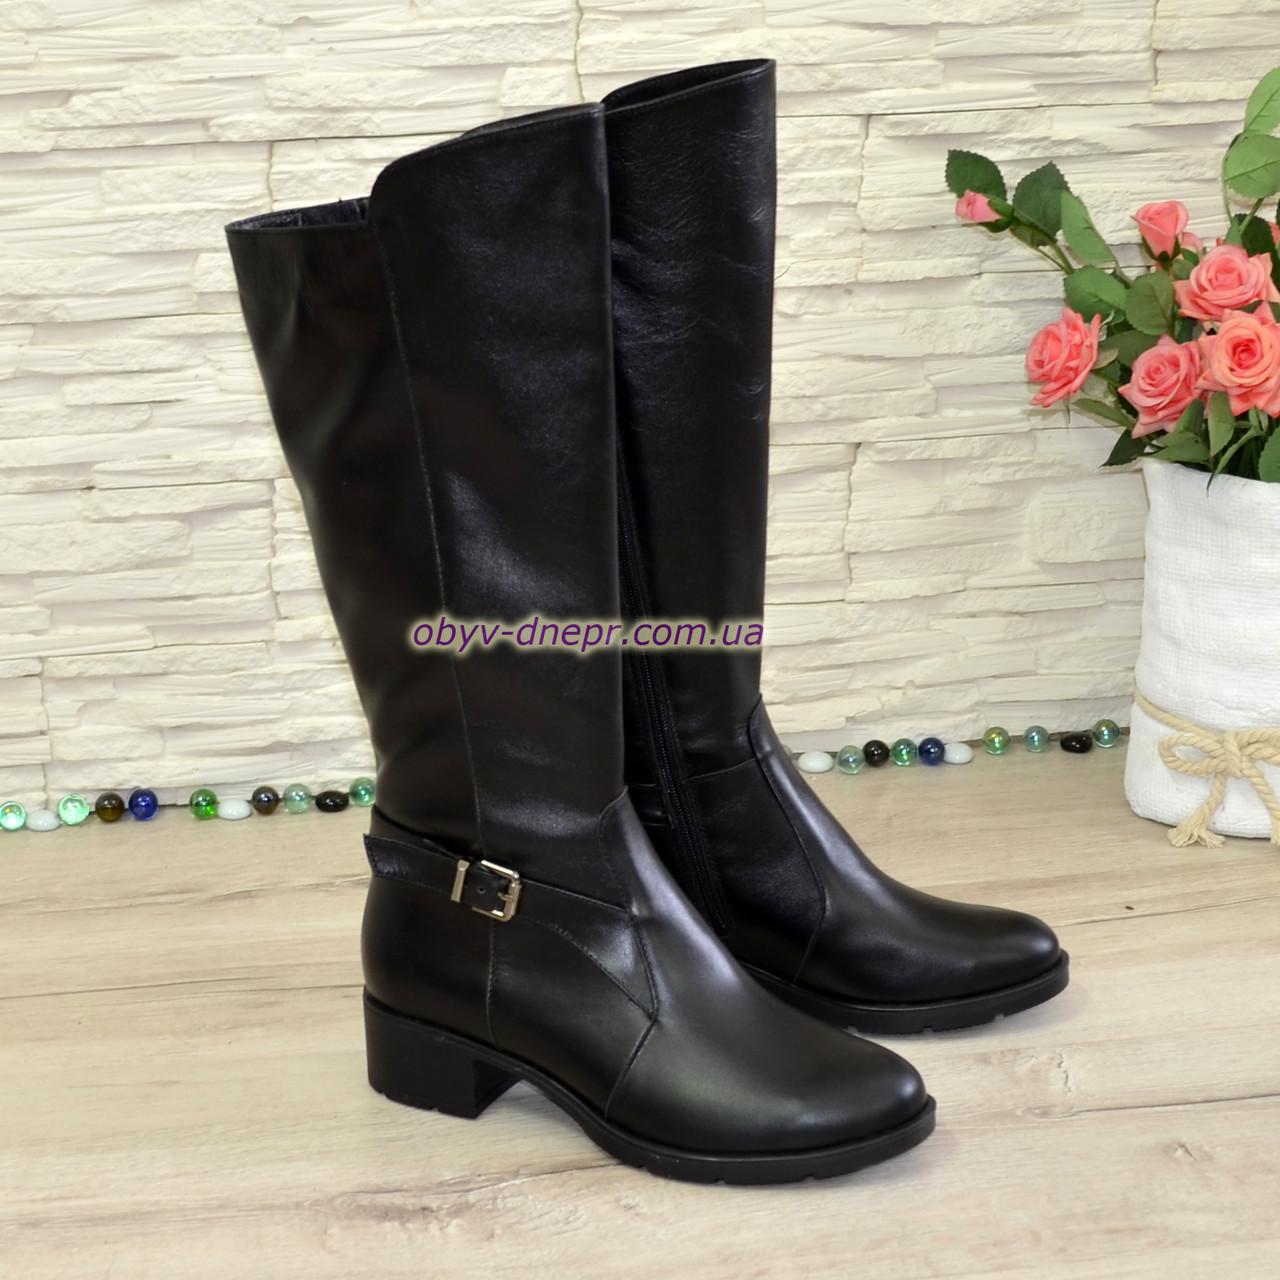 Сапоги женские демисезонные на невысоком каблуке, натуральная черная кожа.